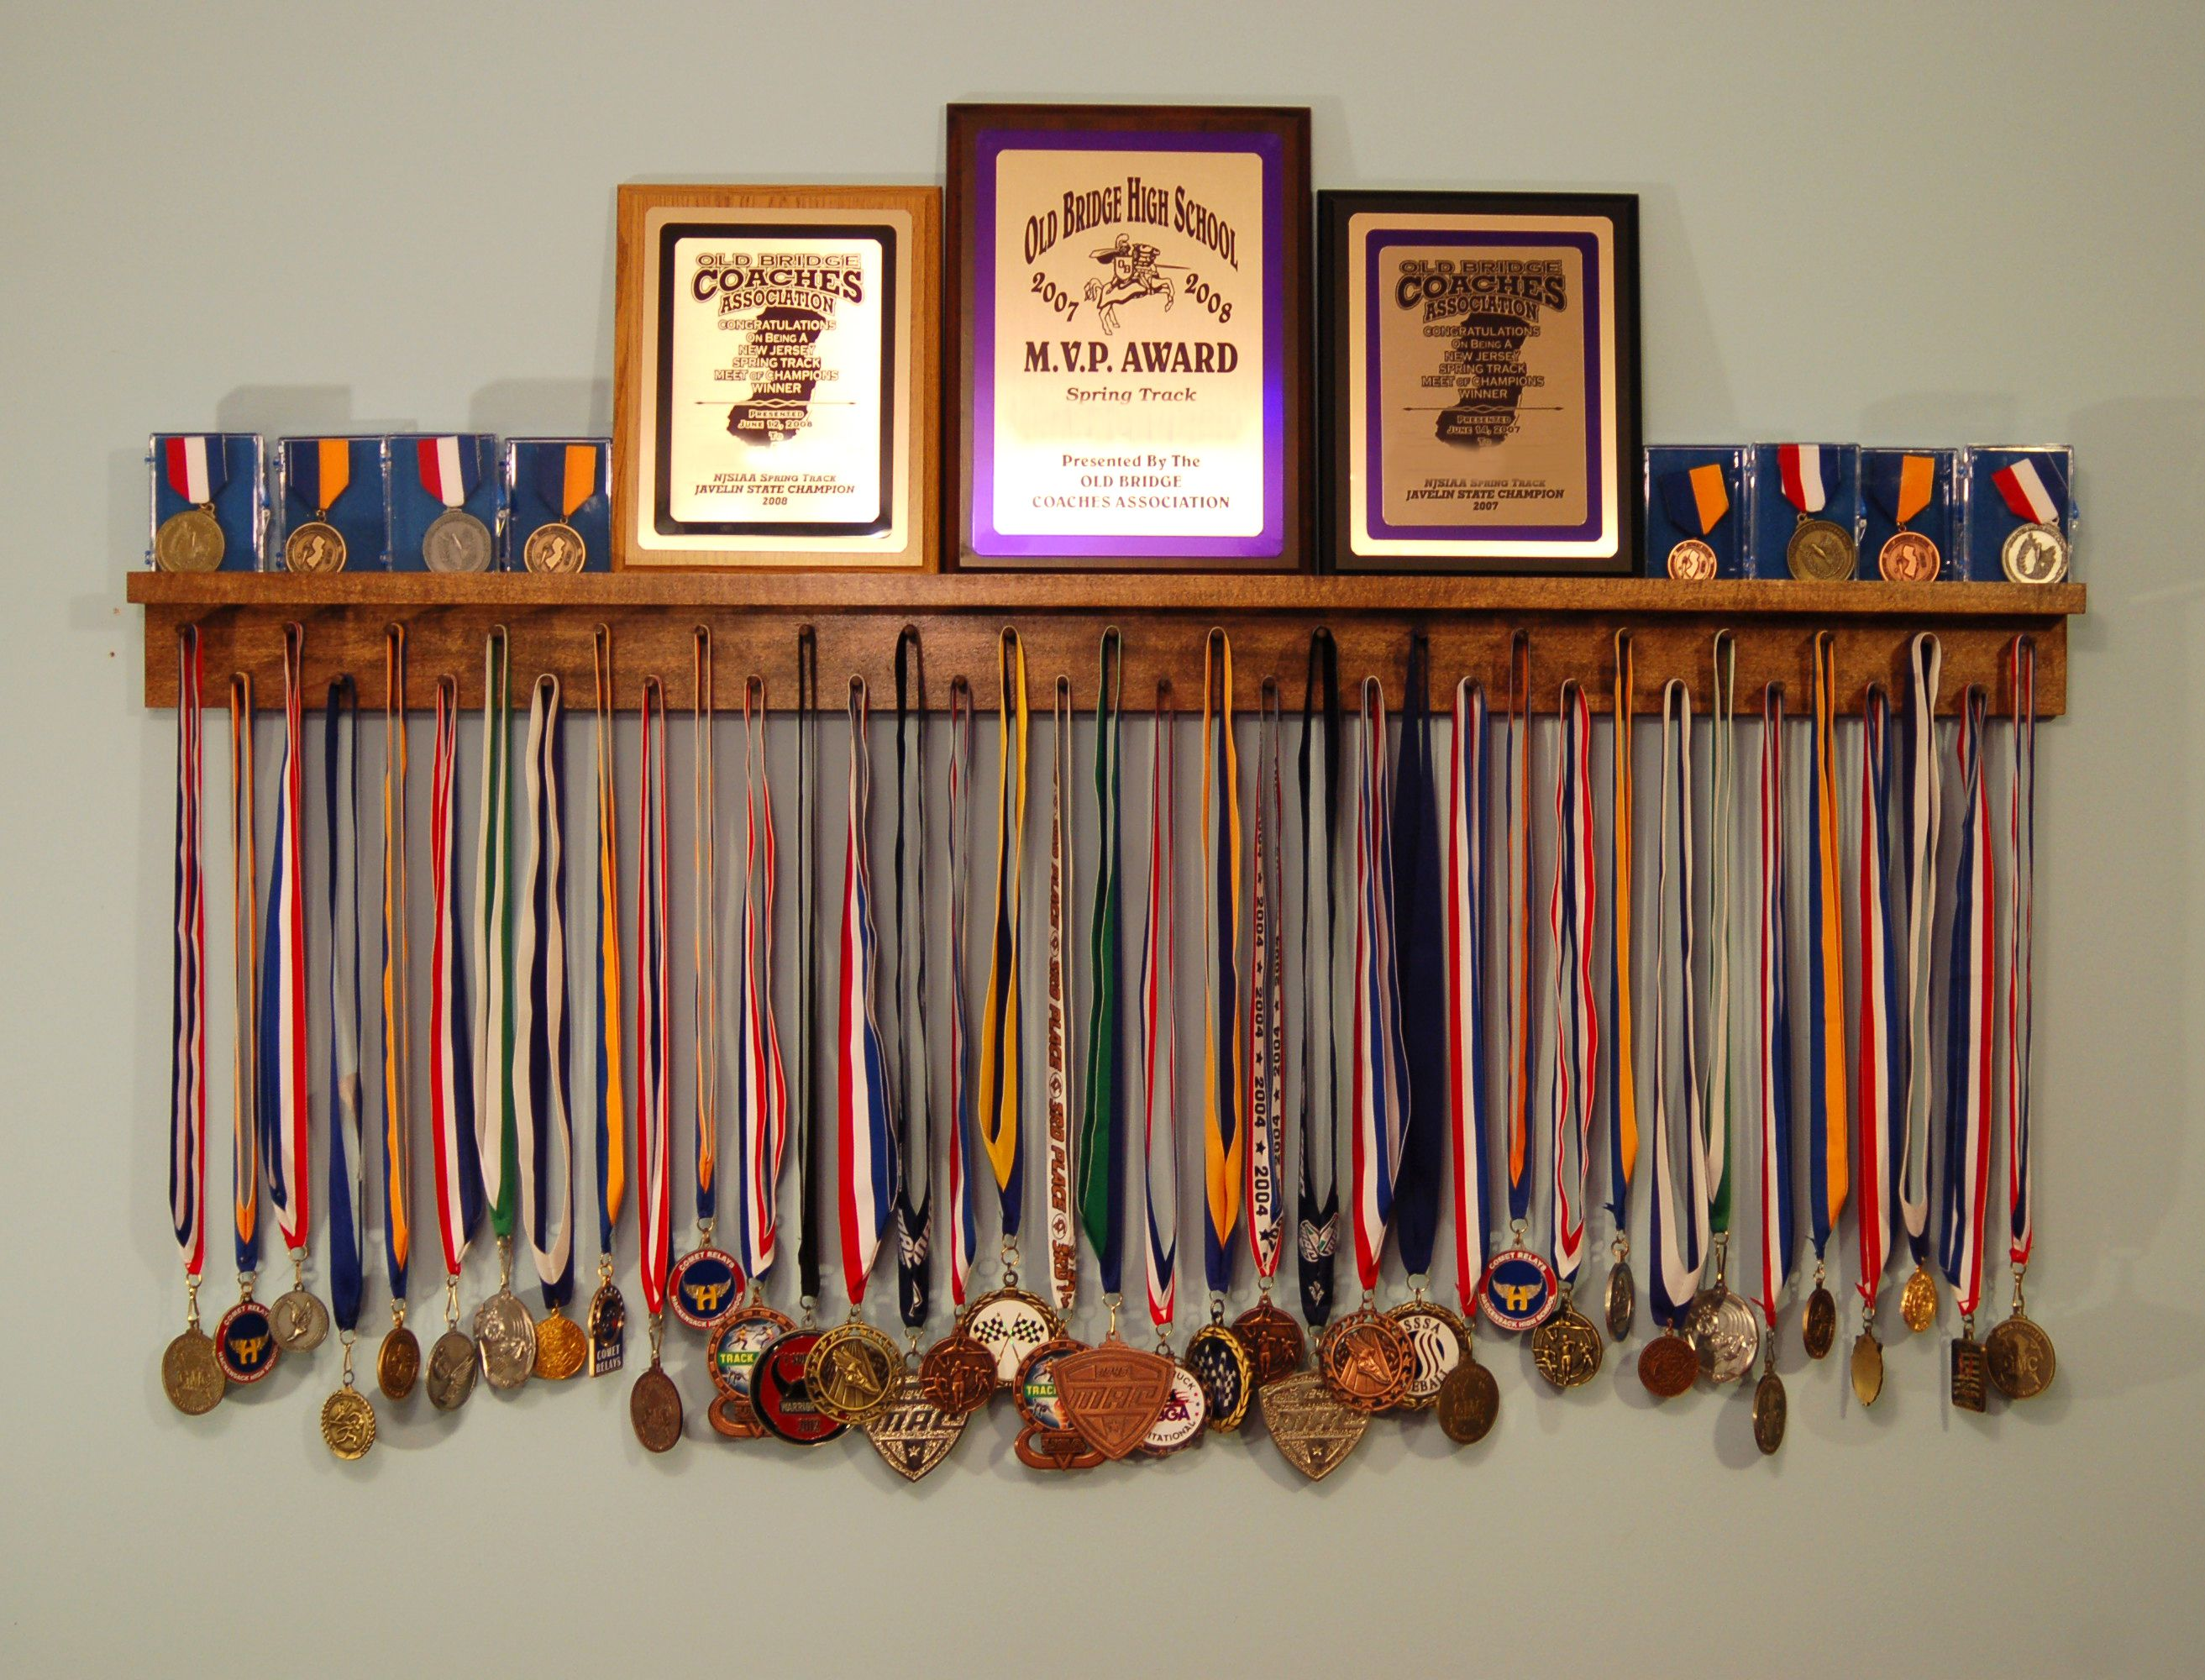 BLACK 4 Foot Award Medal Display Rack and Trophy Shelf | Shelves ...